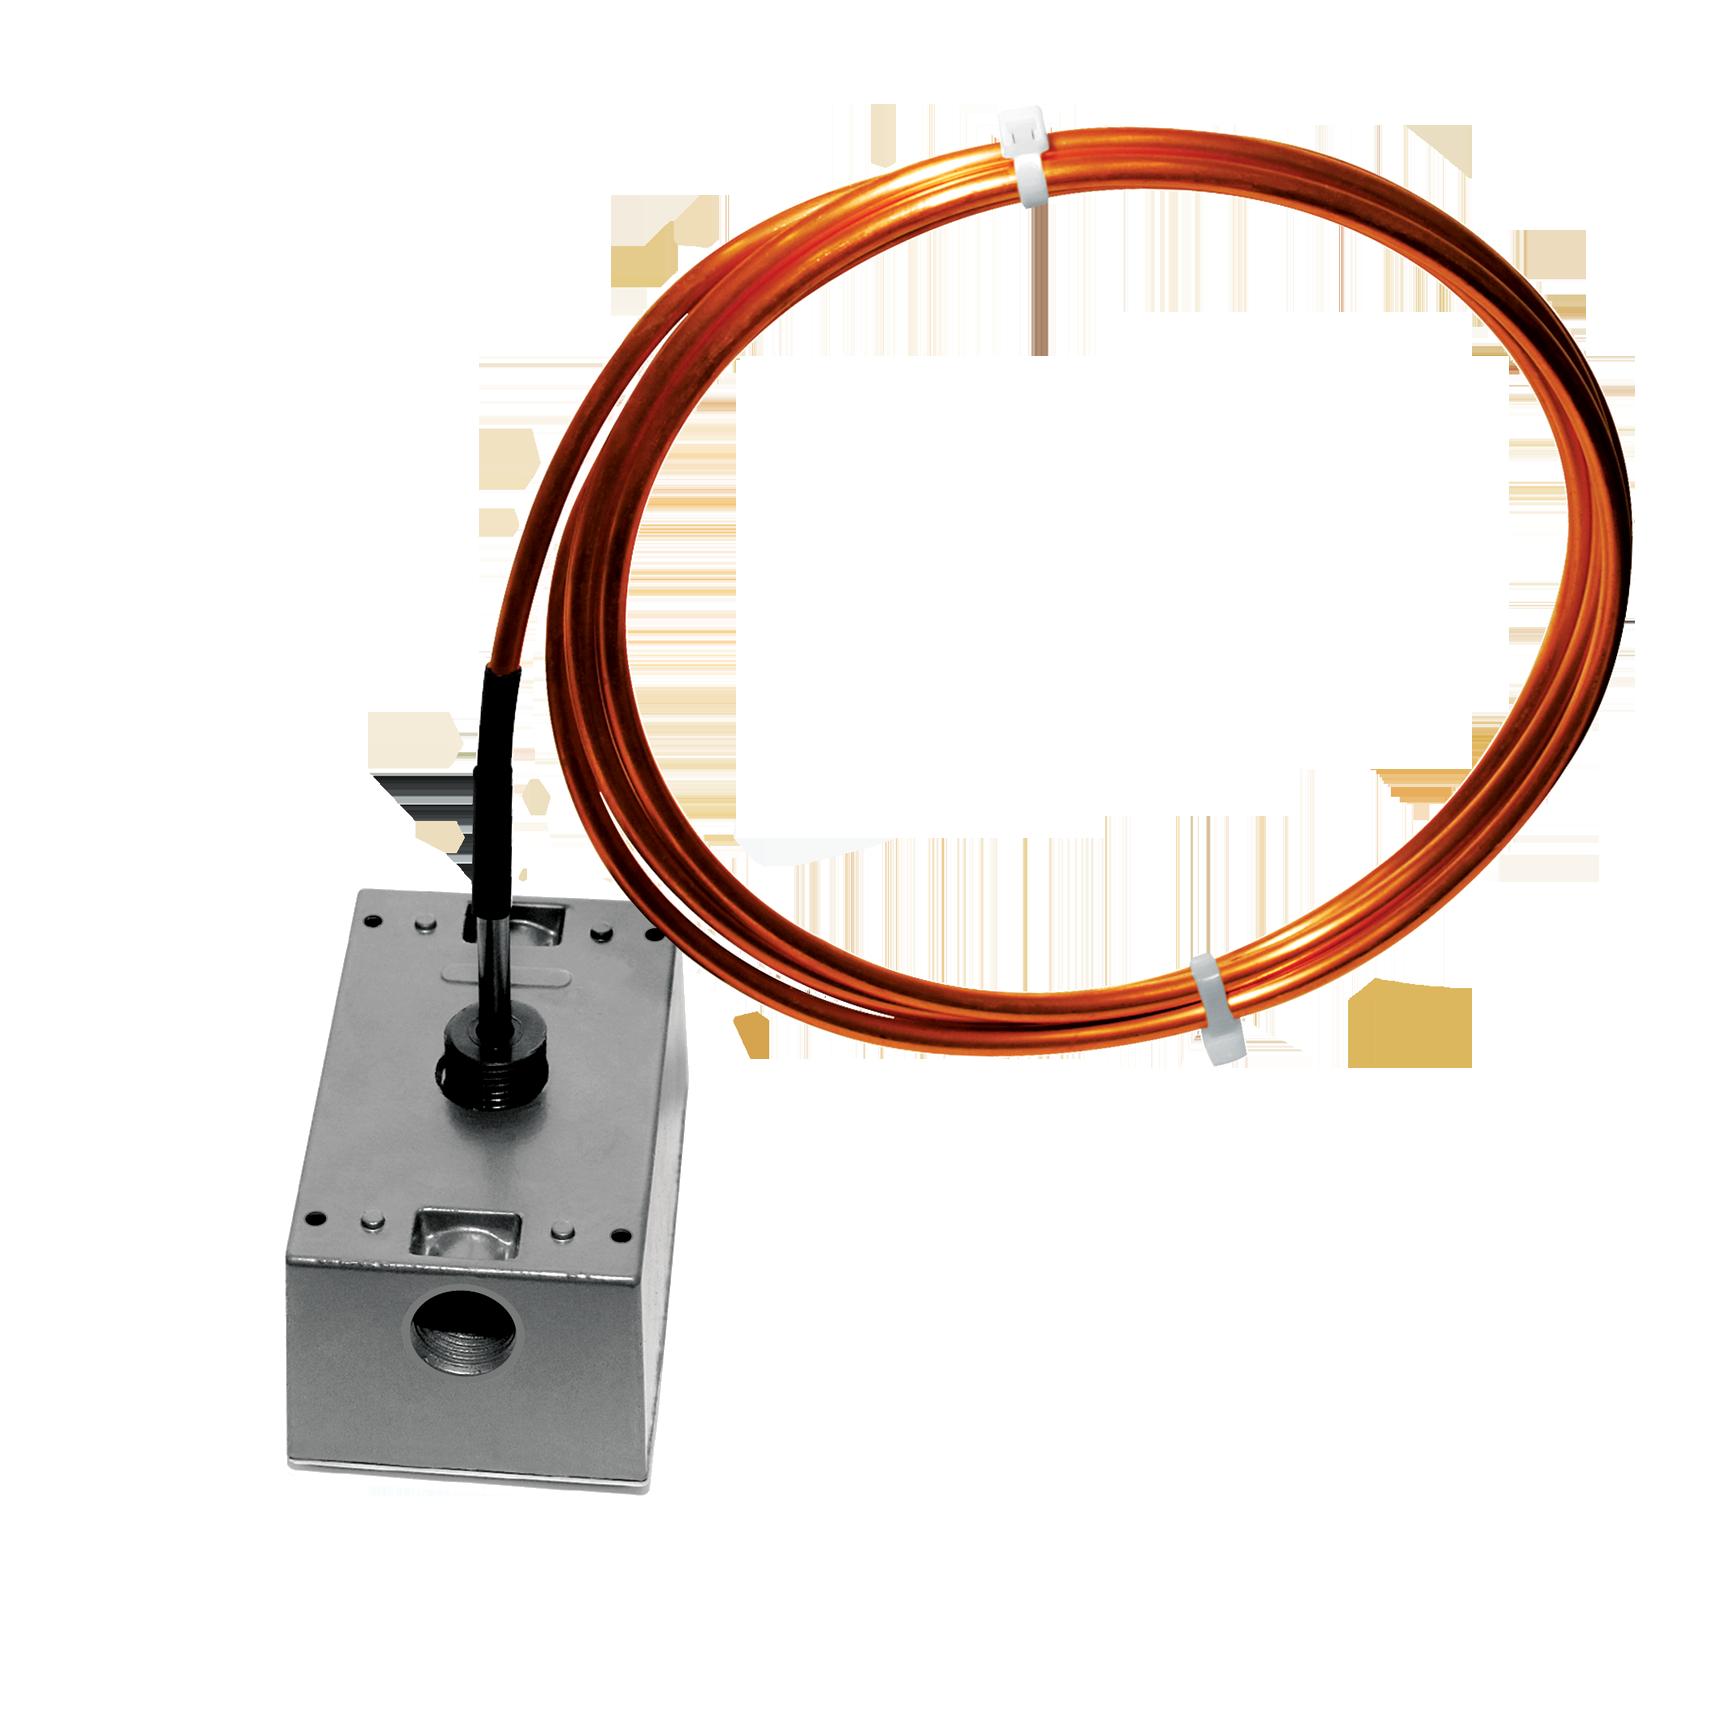 ACI A/592-A-12'-BB Averaging Temperature Sensor